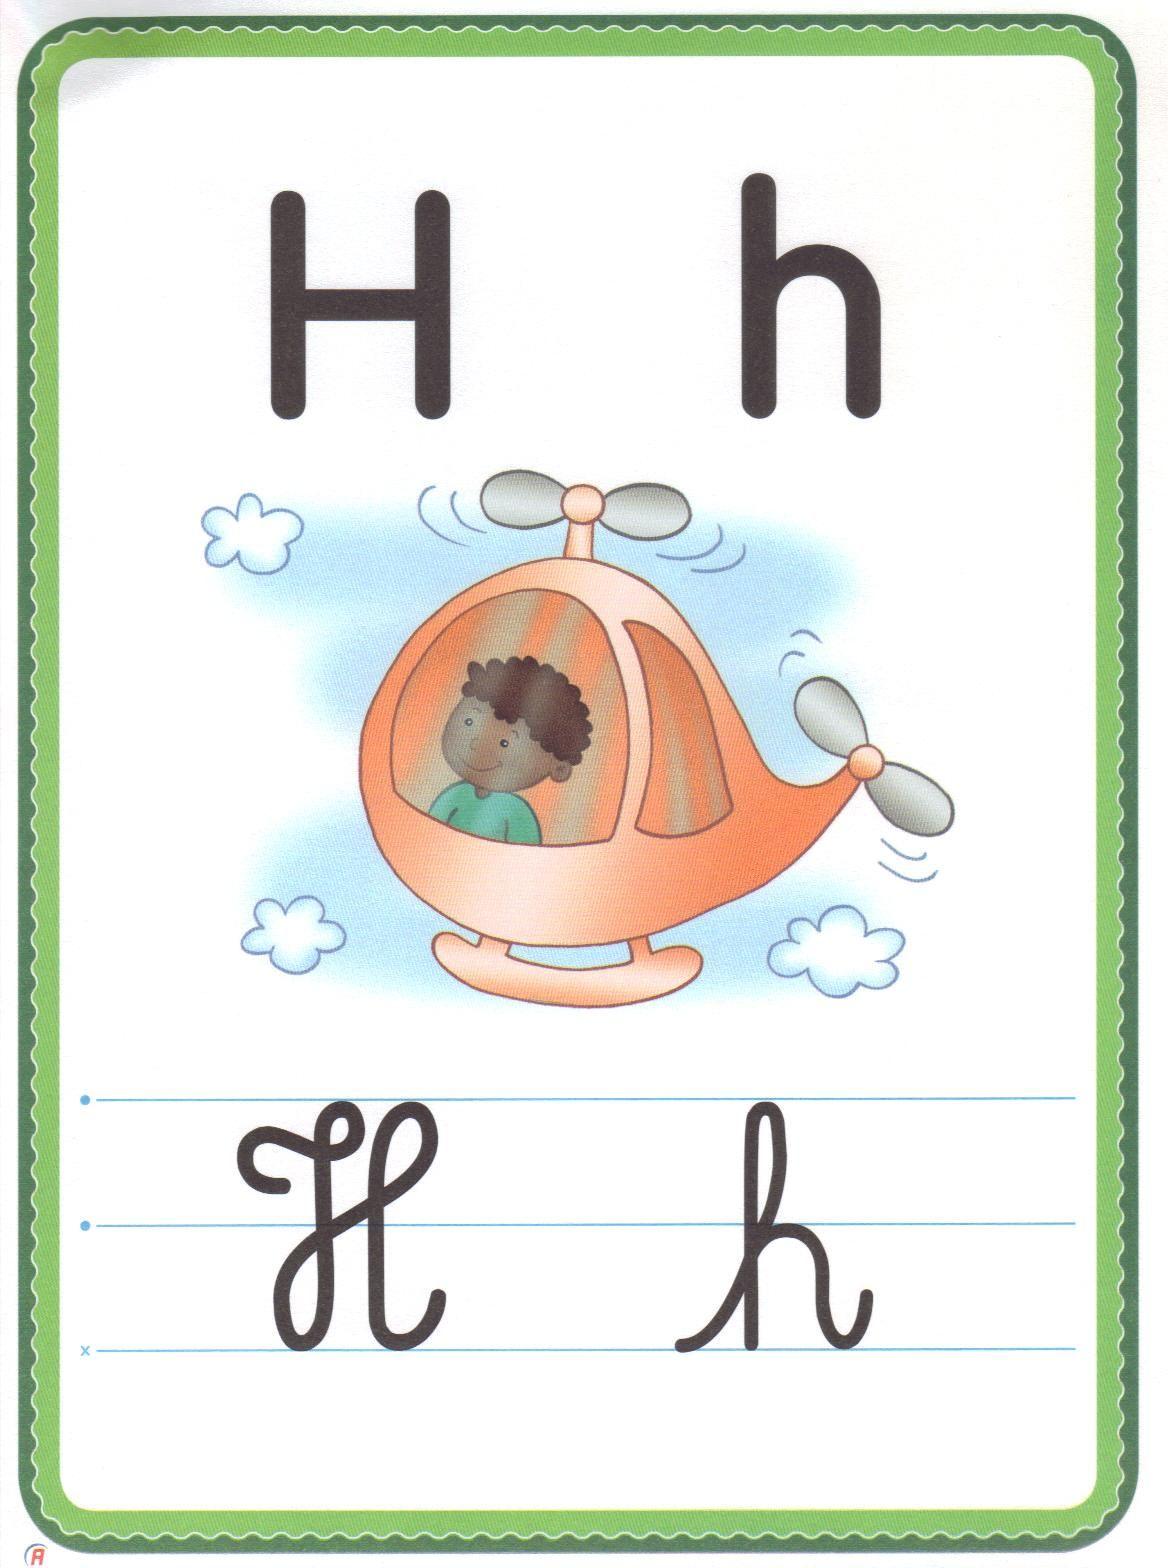 Pin De Nihal Pulat Em Okul Alfabeto Ilustrado Tipos De Letras